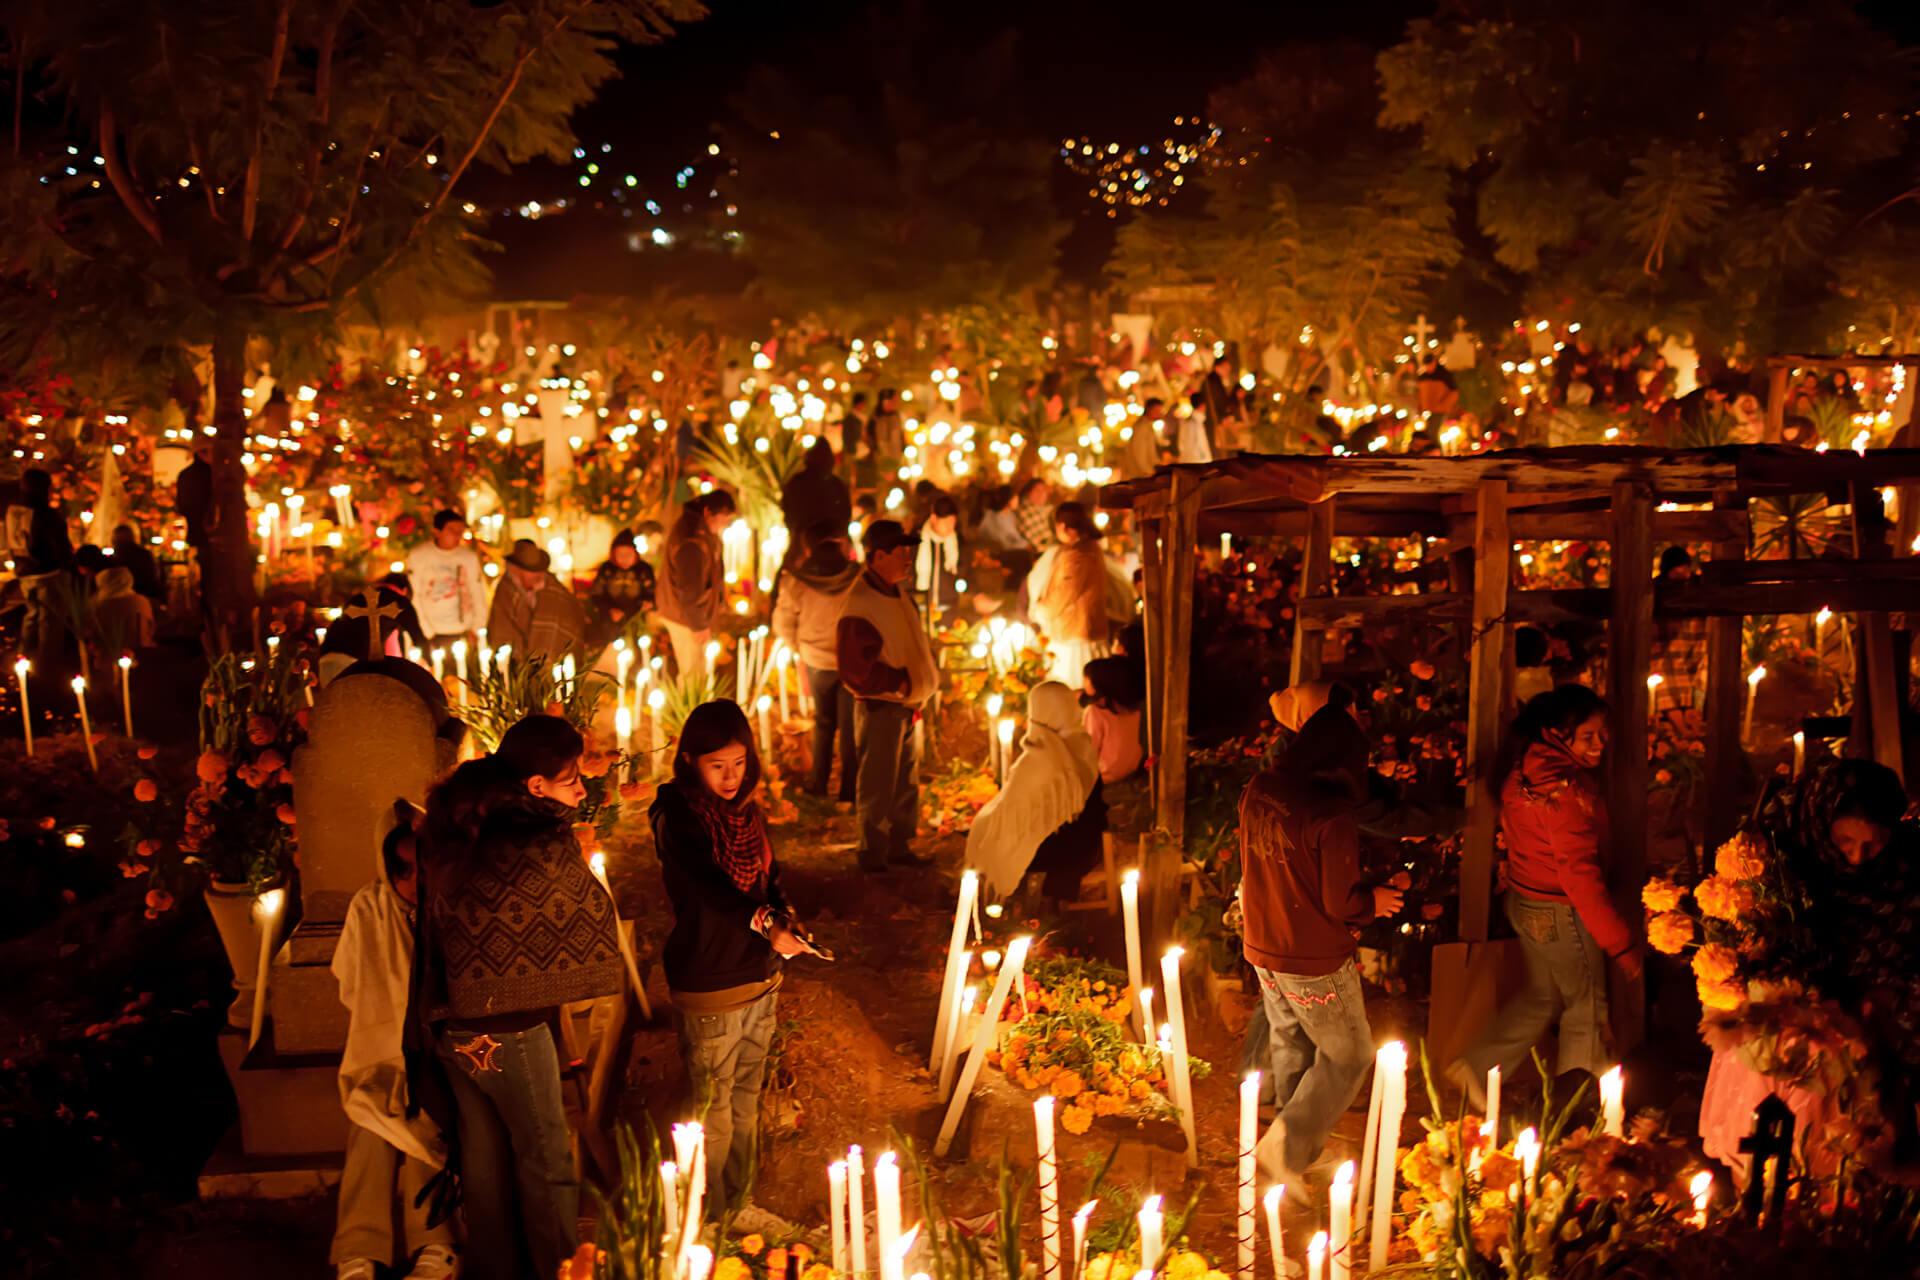 Panteon San Miguel olarak da bilinen, Panteon General (Oaxaca Merkez Mezarlığı) mezarlığı